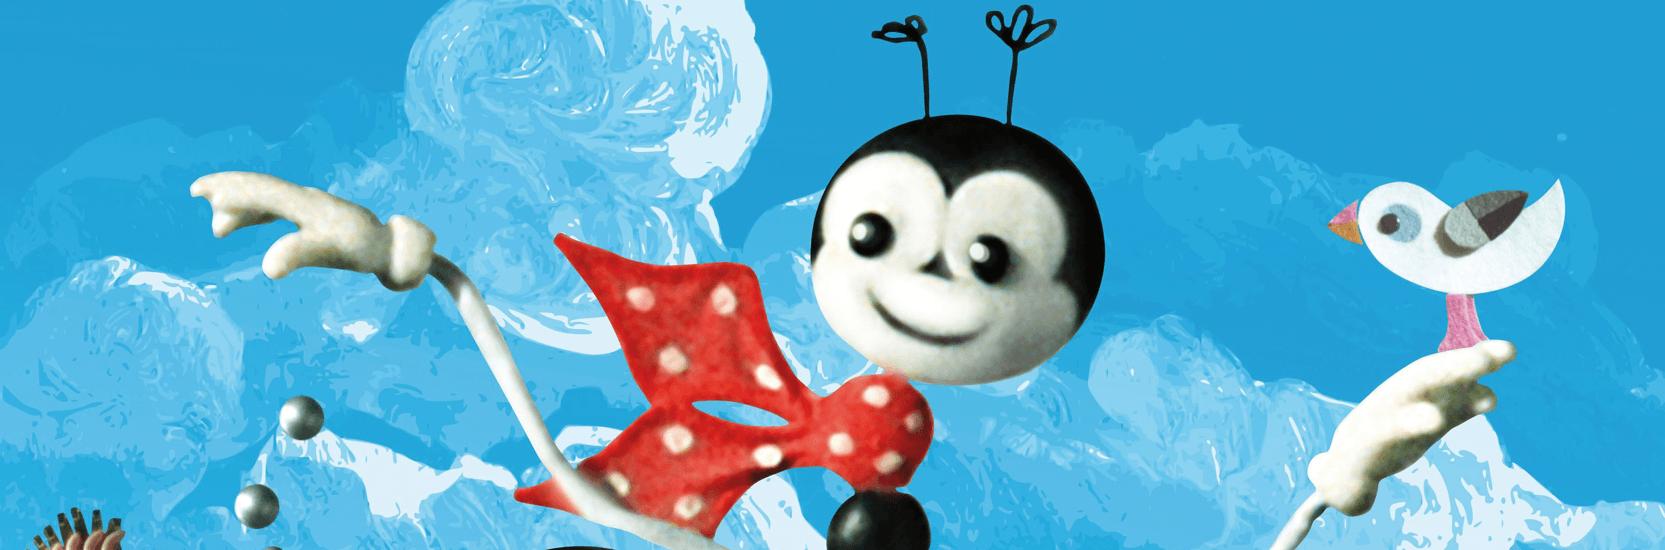 Critique – Ferda la fourmi